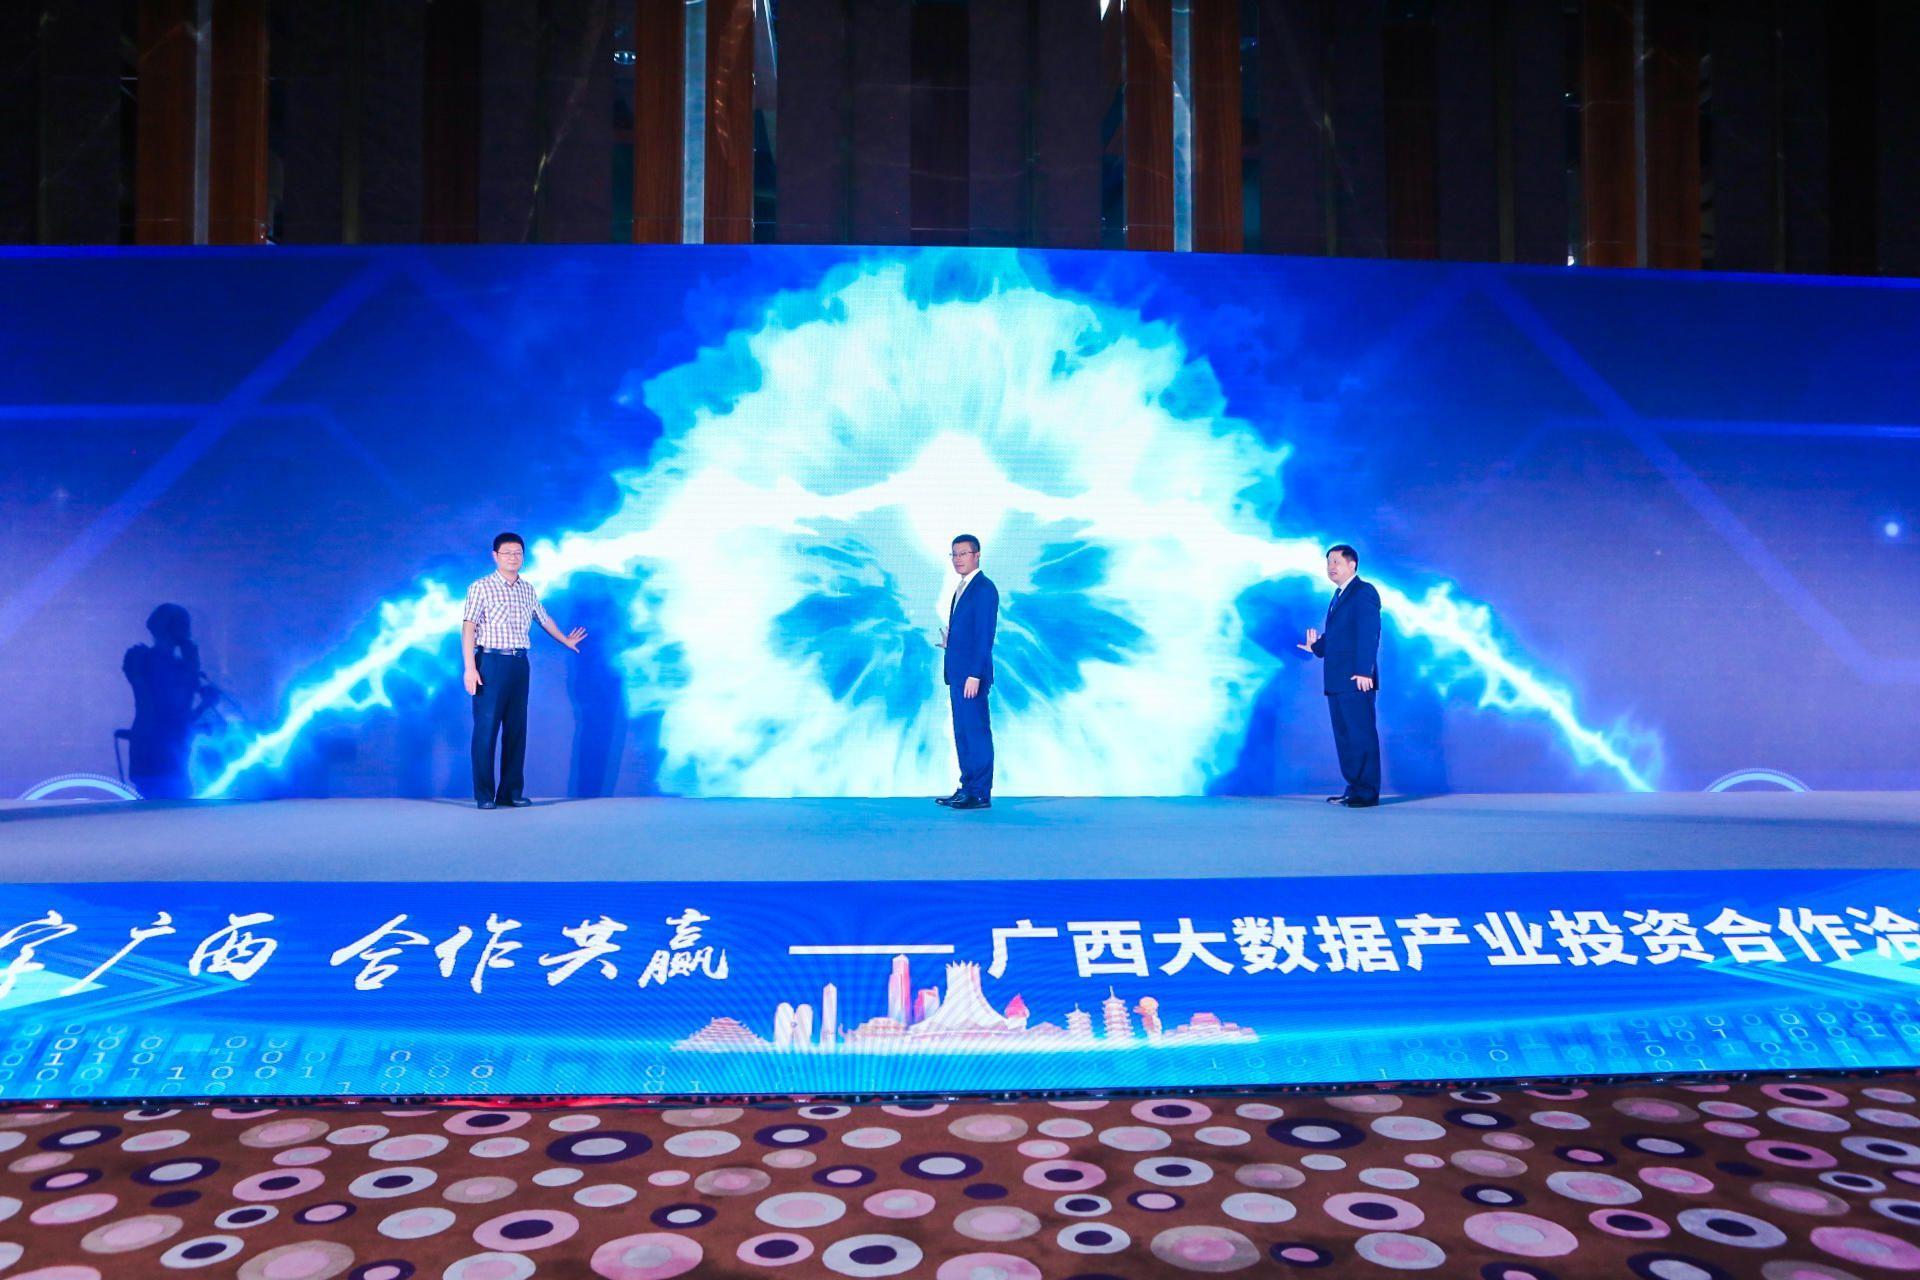 阿里巴巴达摩院IEEE Fellow、阿里云副总裁张磊(左),中国经济信息社董事长、总裁徐玉长(中),广西壮族自治区政府副秘书长、广西大数据发展局党组书记、局长席扬(右),共同启动广西首届全球人工智能天池大赛。